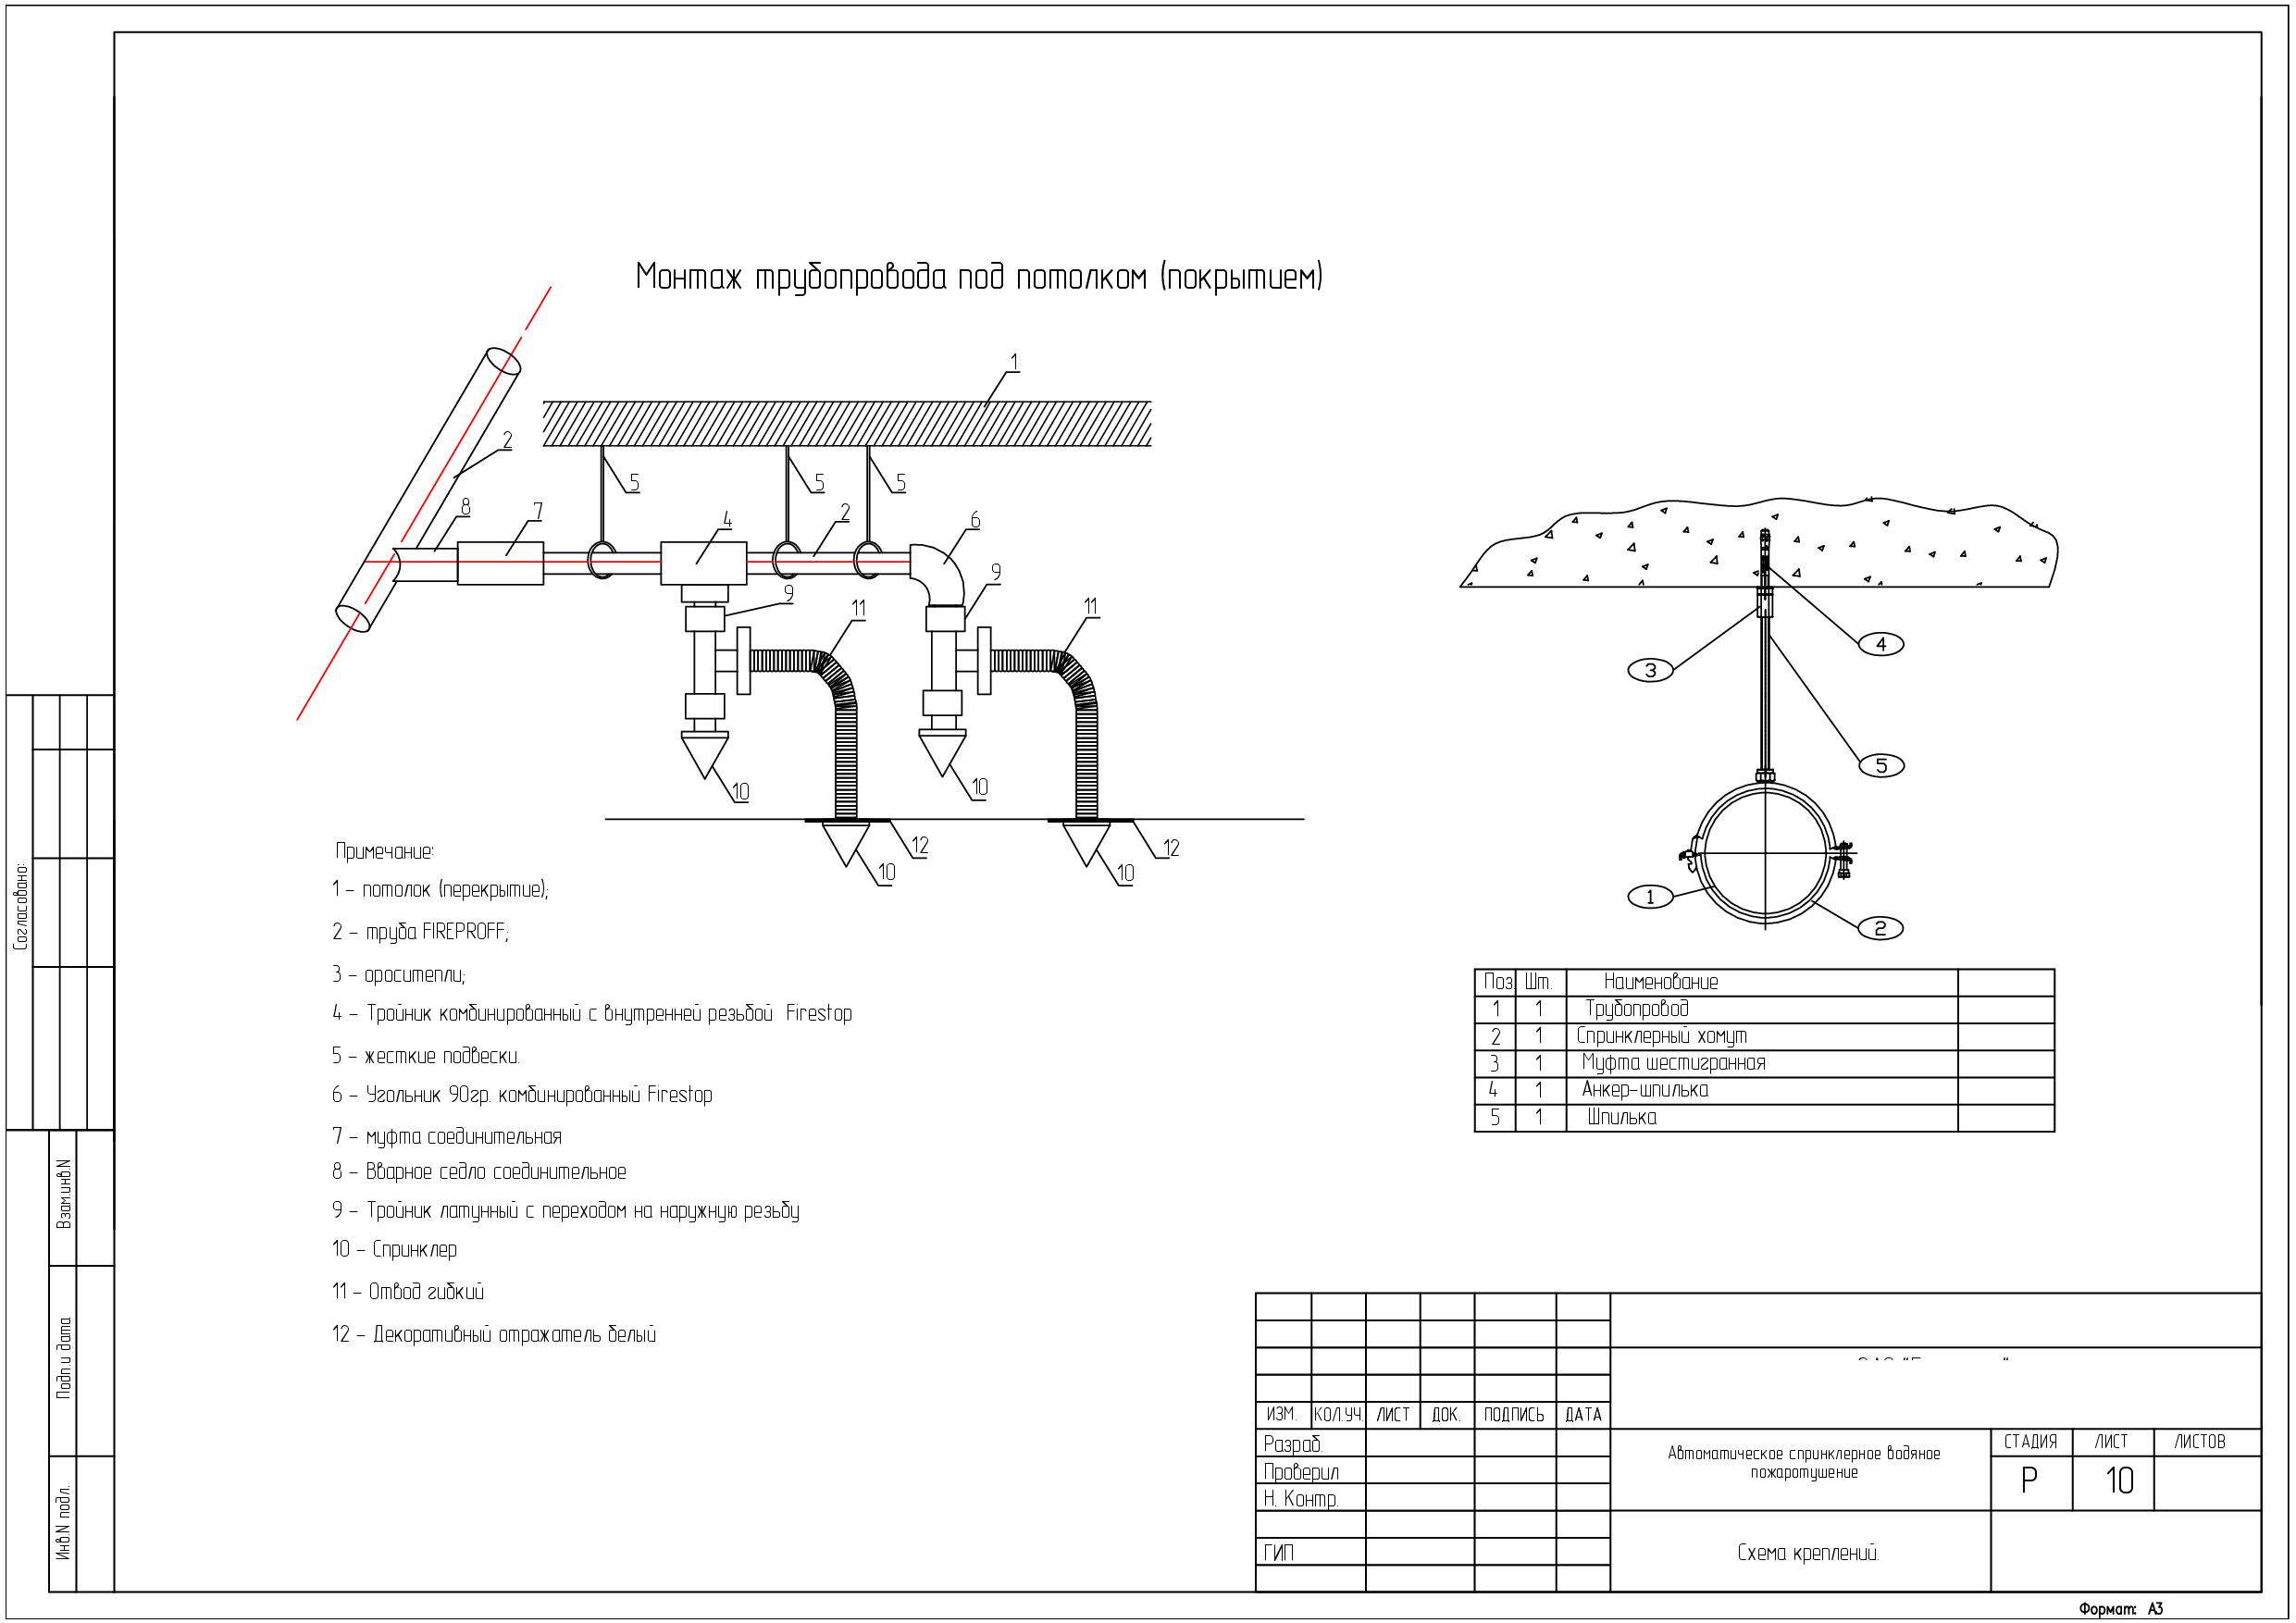 На фото - пример схемы из проектной документации на спринклерную систему пожаротушения.